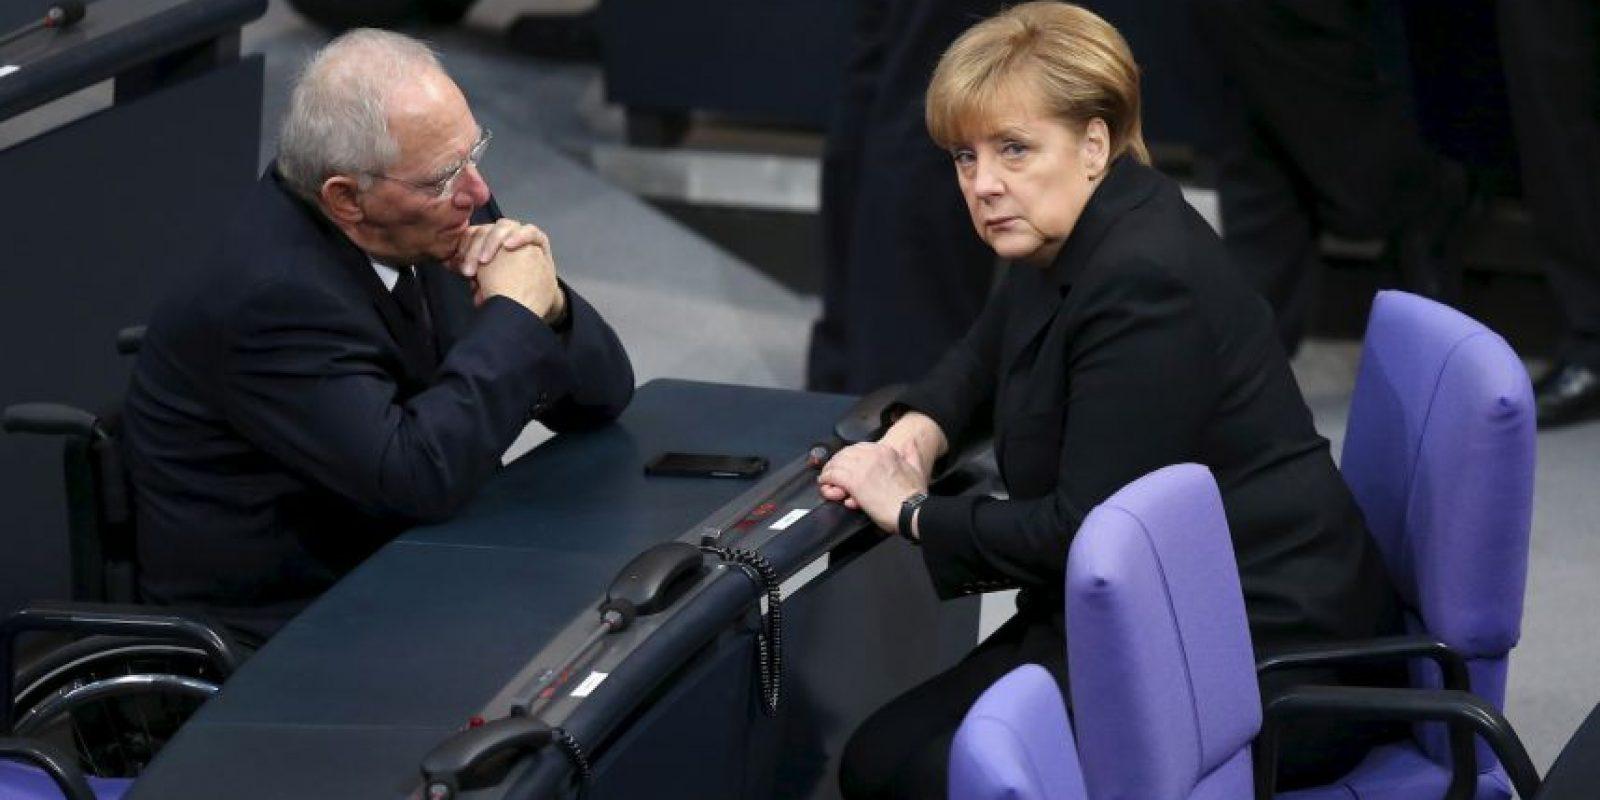 Esto antes de que el Parlamento griego votara a favor del nuevo acuerdo. Foto:Getty Images